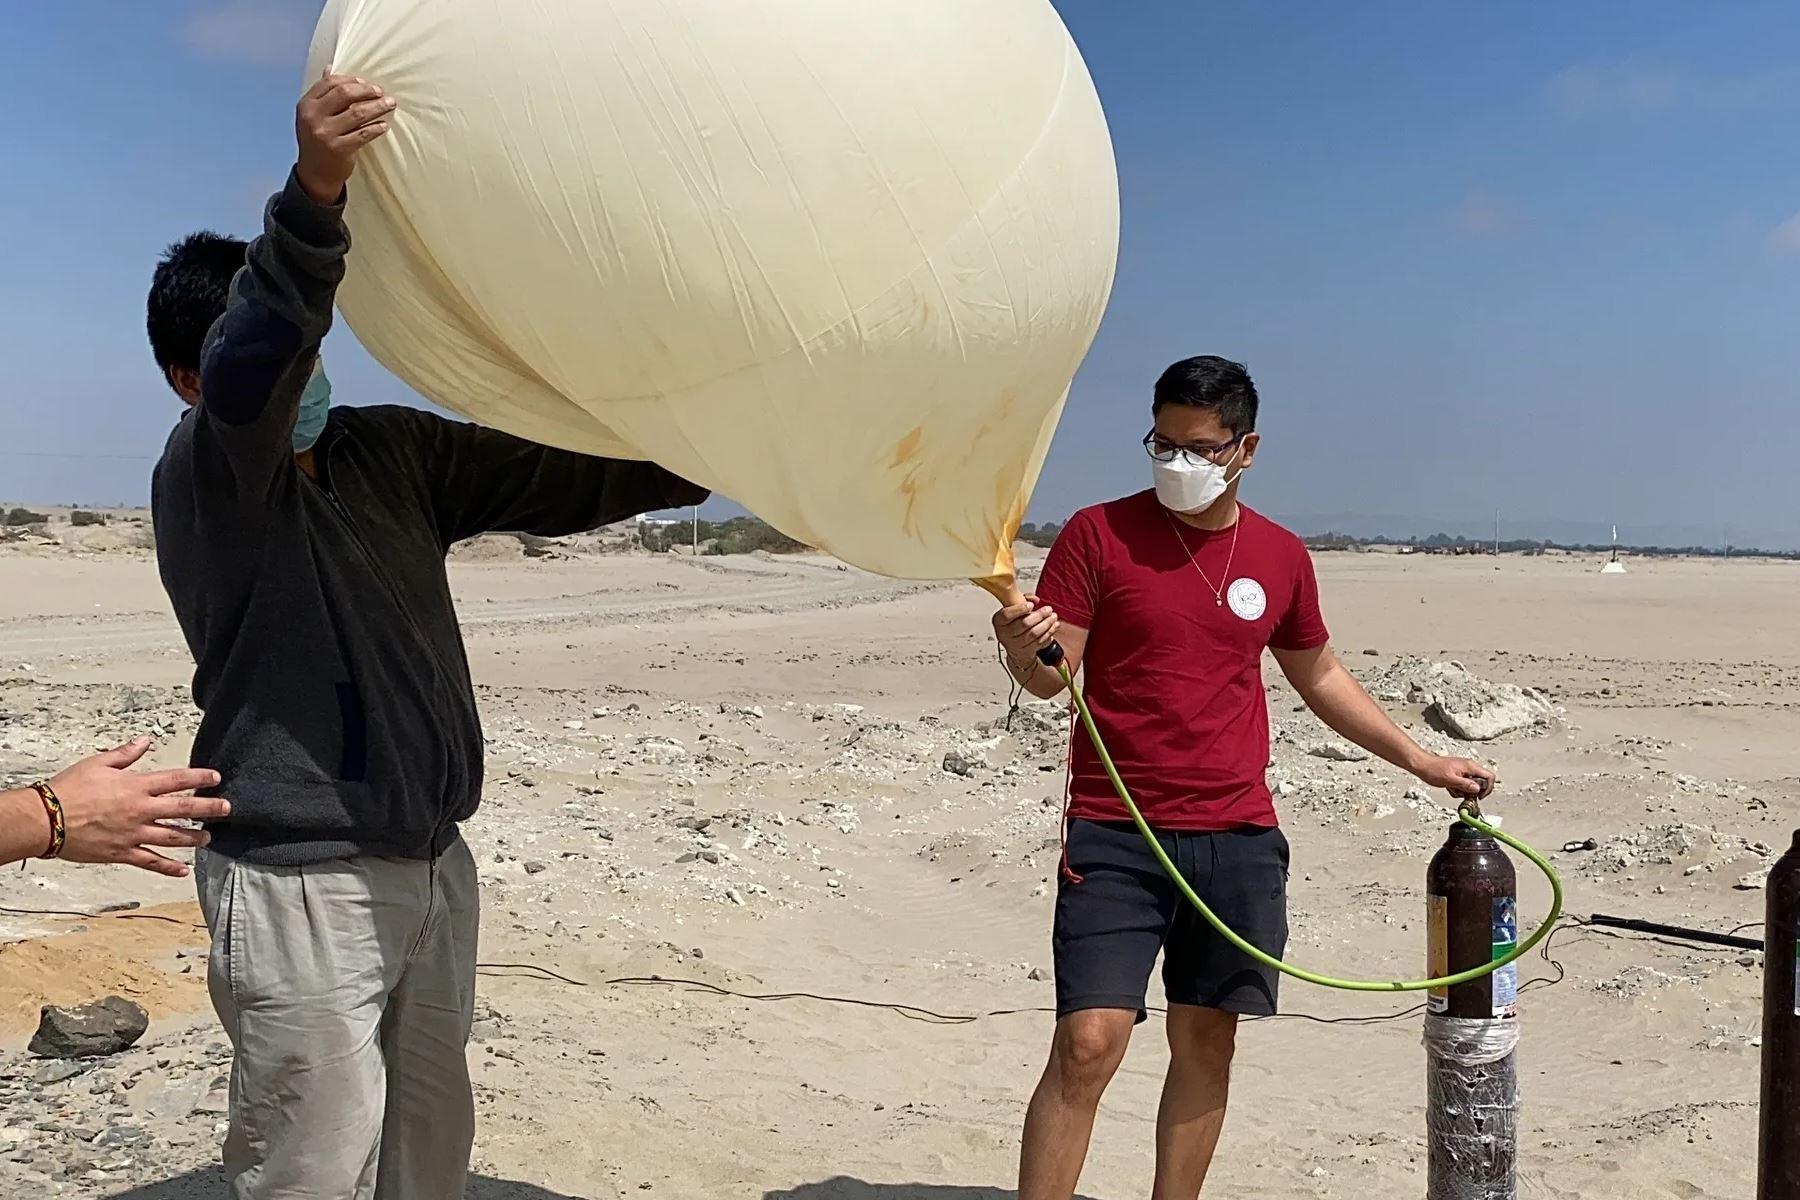 La carga útil del globo sonda permite llevar diversos organismos al mismo tiempo. Foto: Proyecto Estratósfera